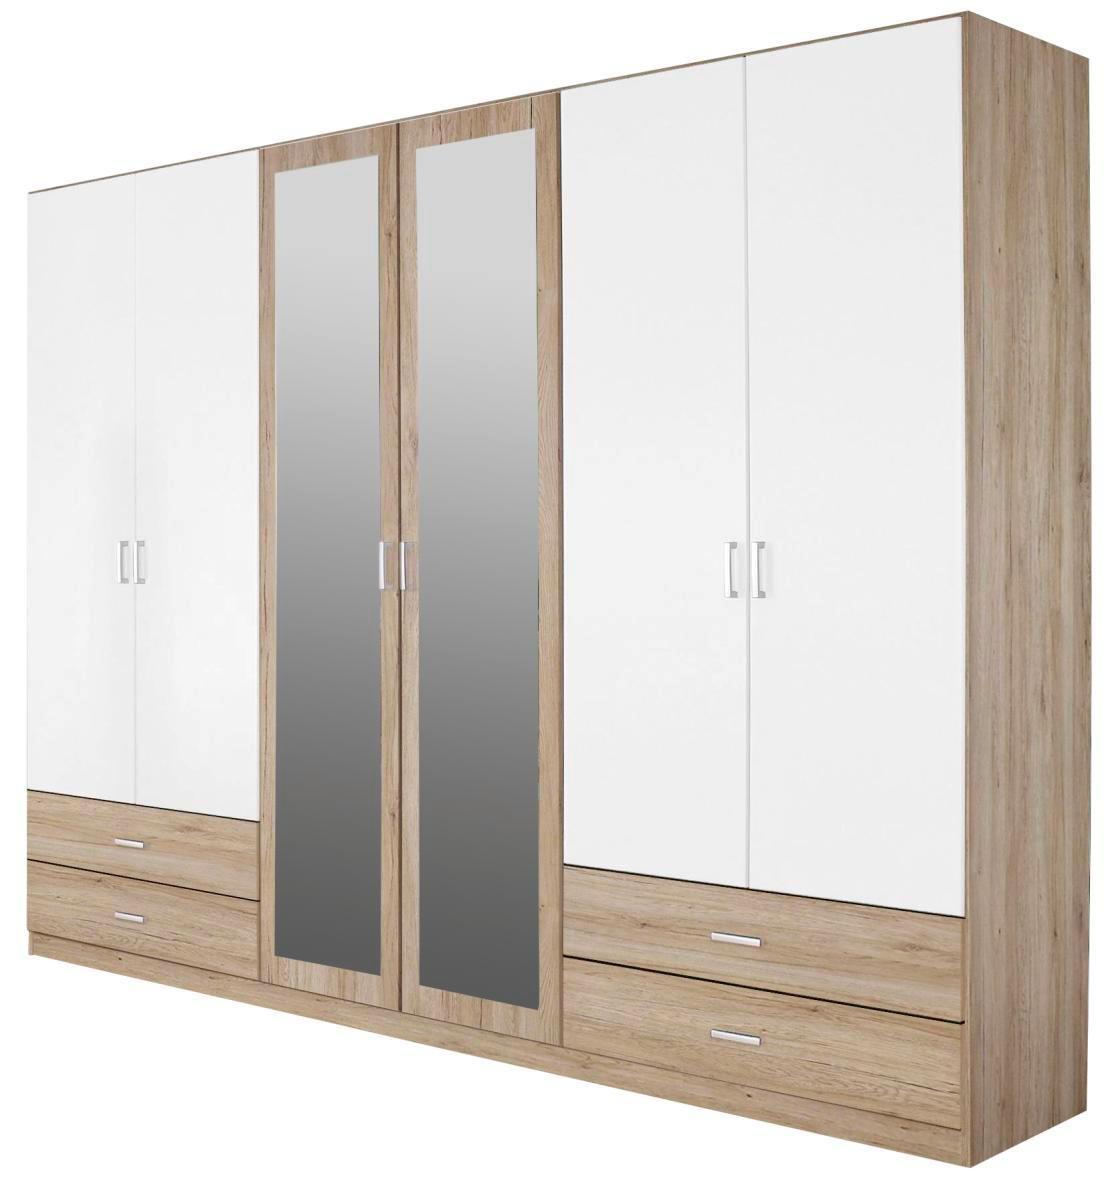 Full Size of Bett 140x200 Poco Betten Schlafzimmer Komplett Küche Big Sofa Wohnzimmer Küchenrückwand Poco